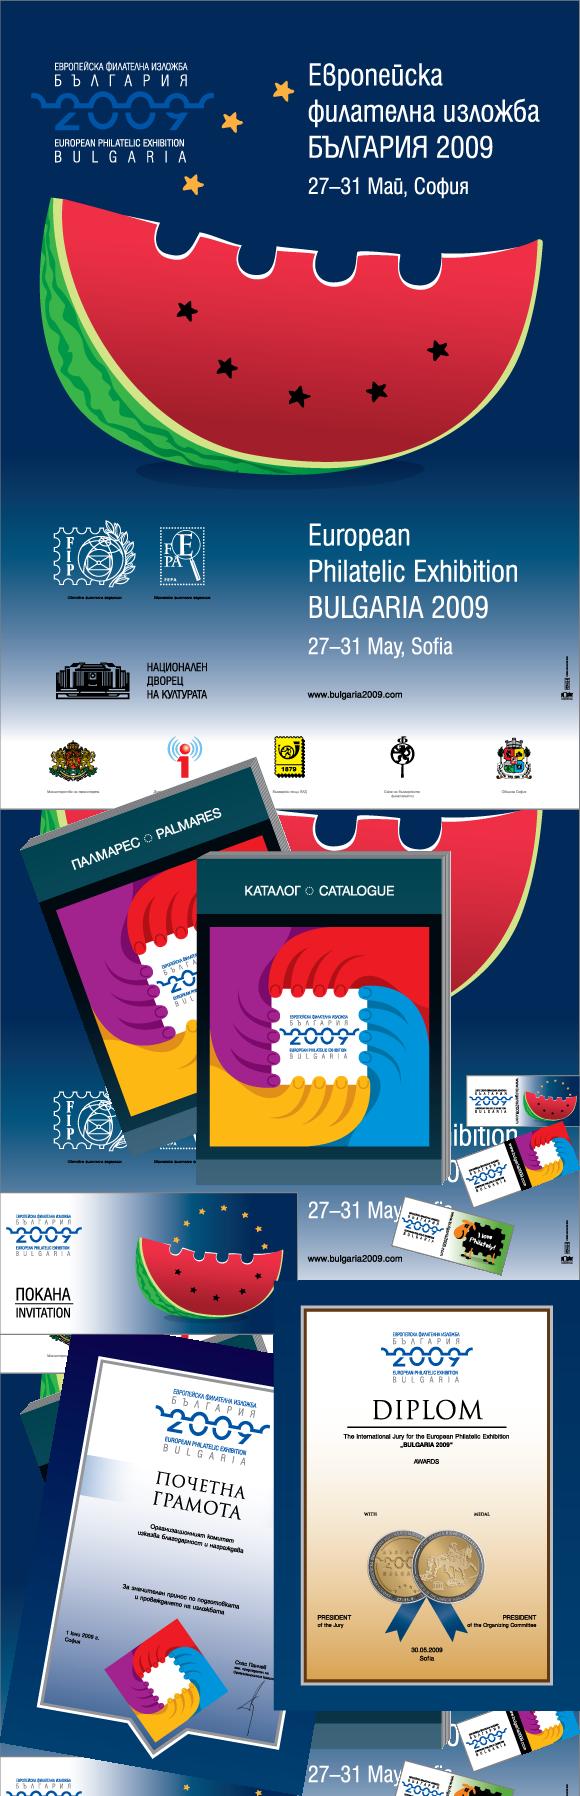 """""""ЕФИ България 2009"""" — реклами материали"""